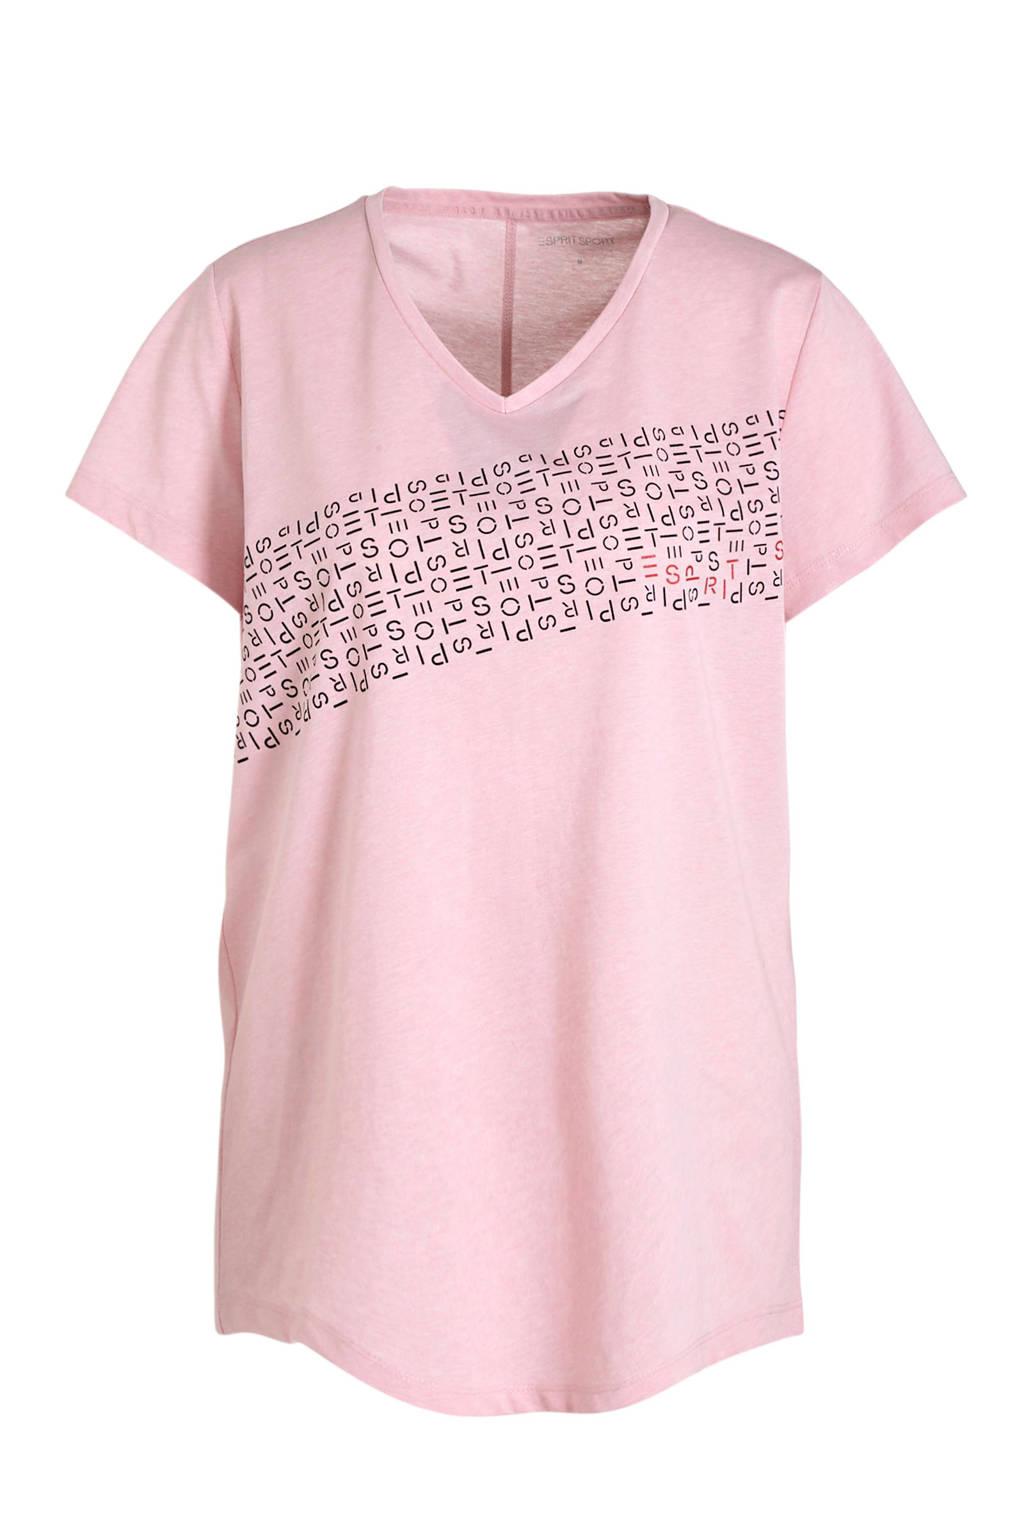 ESPRIT Women Sports T-shirt lichtroze, Lichtroze